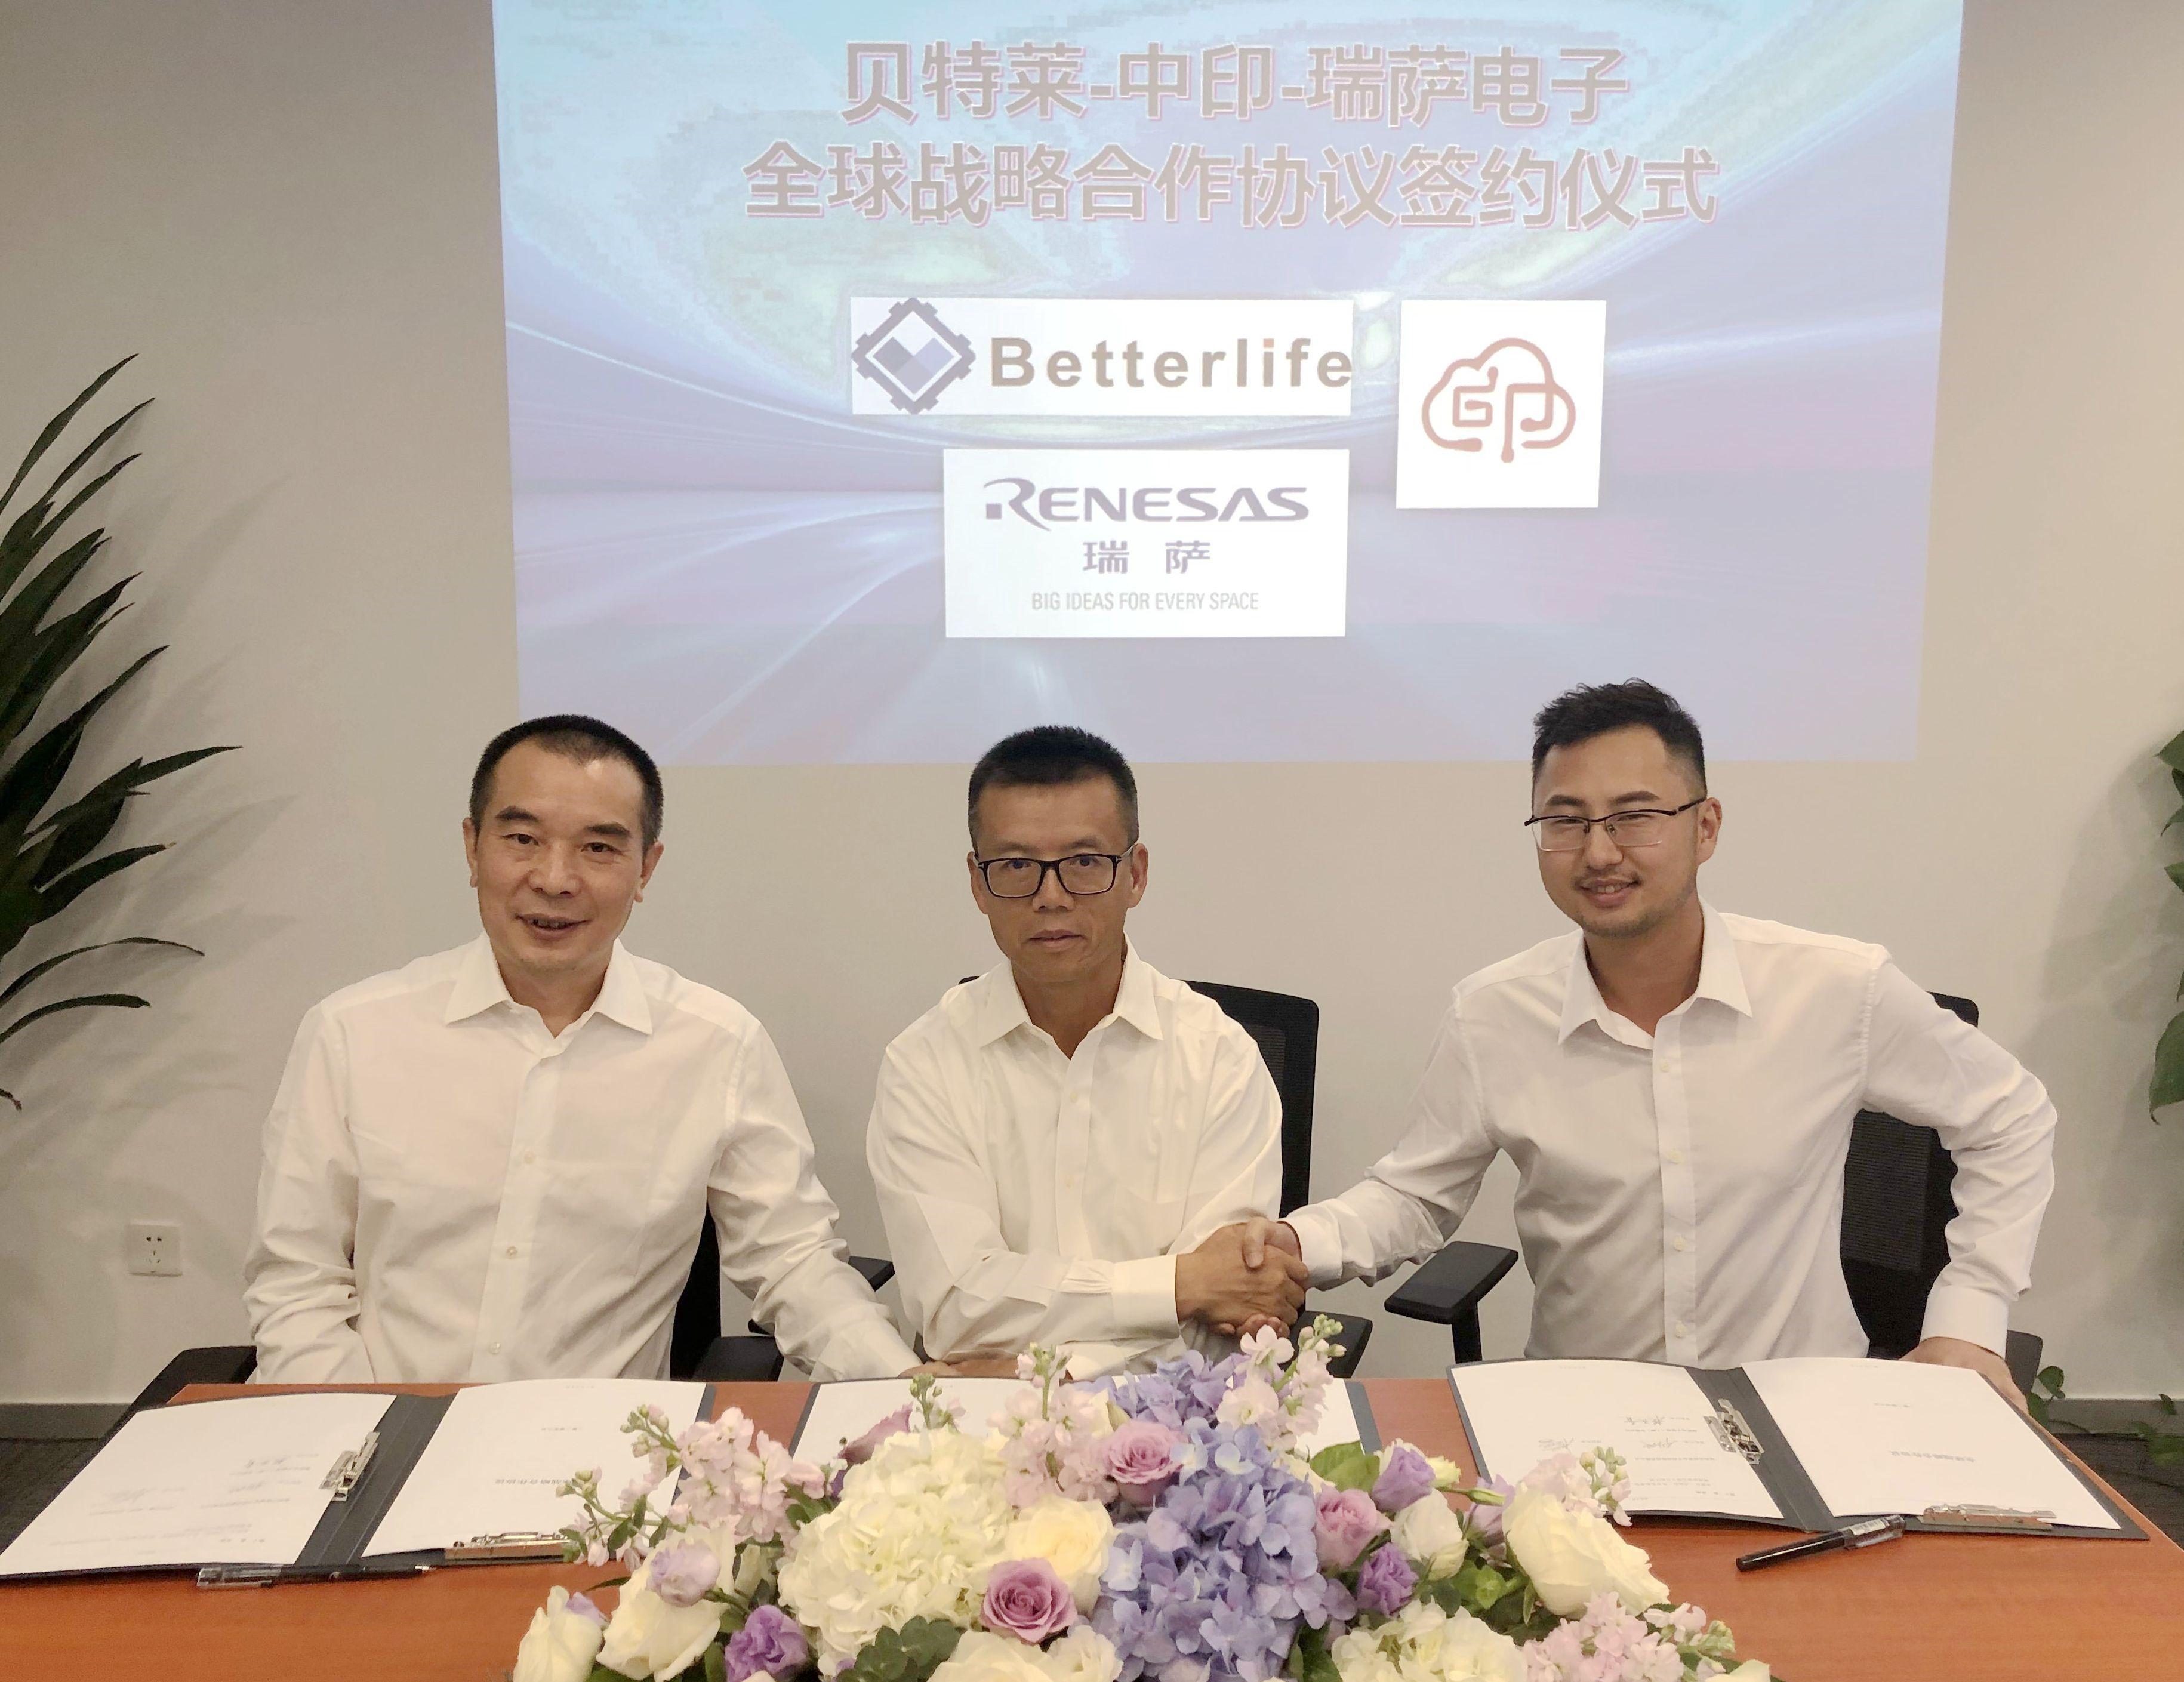 瑞萨电子宣布与贝特莱及中印云端达成战略合作,共同拓展指纹识别应用市场